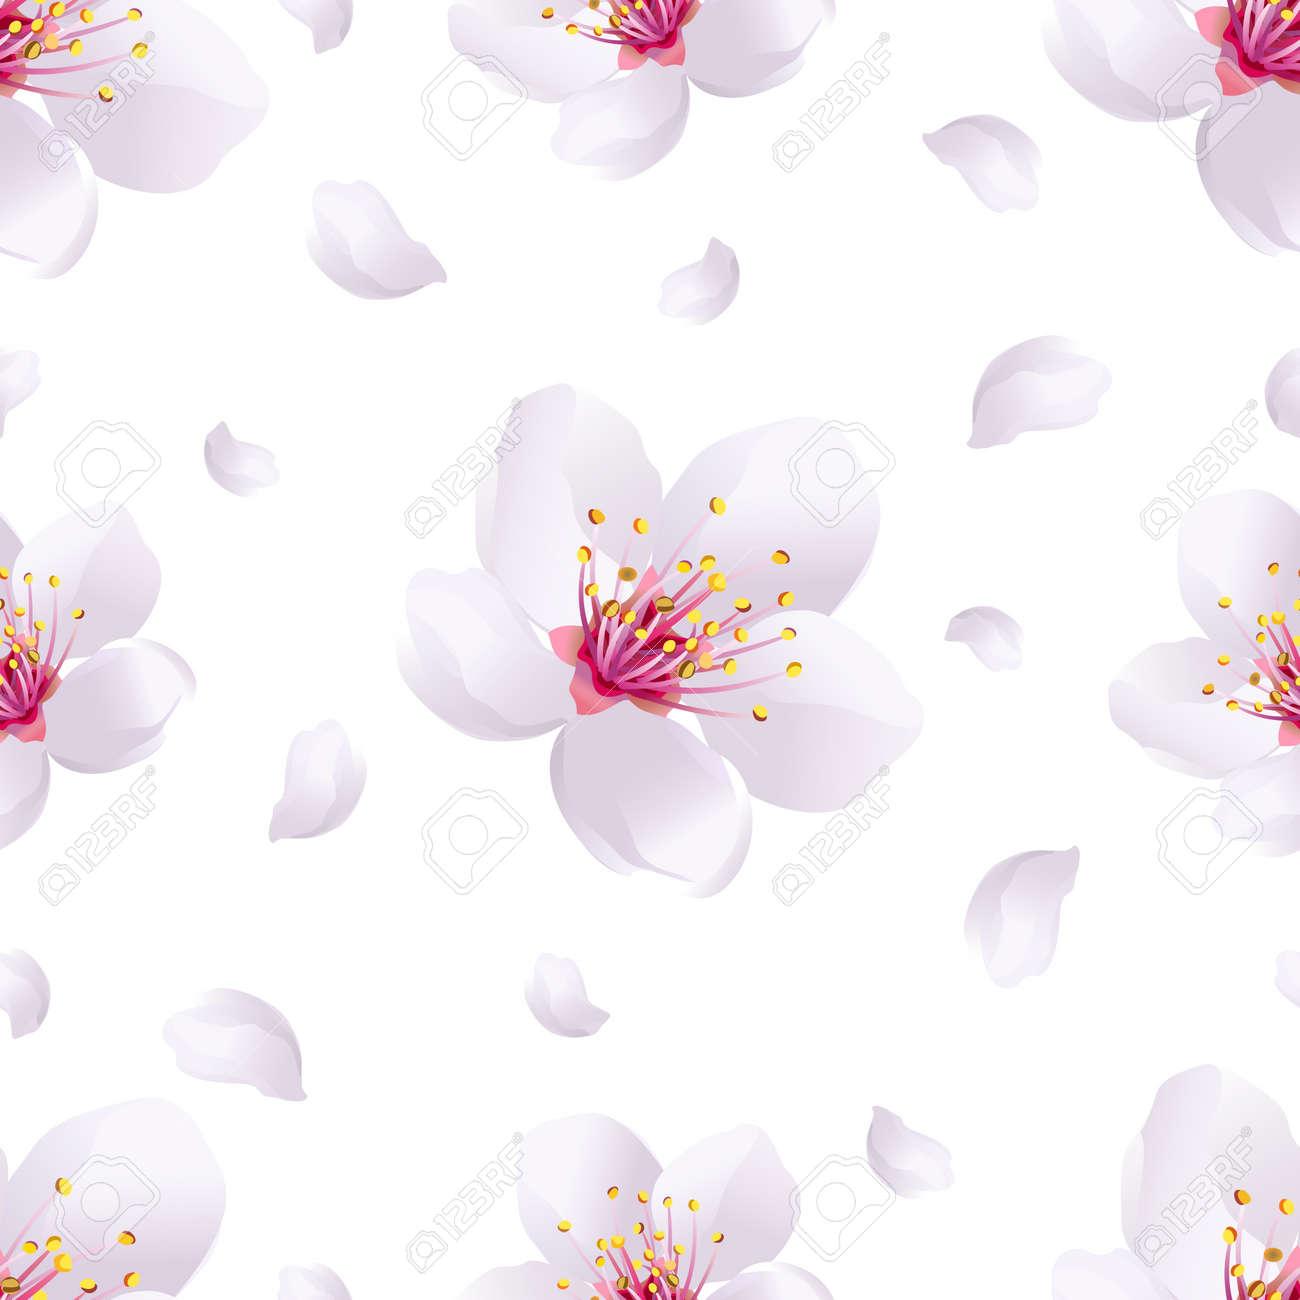 美しい光春 背景白桜 日本の桜の木とフライングの花びらとシームレスなパターン ロマンチックな花の壁紙 ベクトル イラストのイラスト素材 ベクタ Image